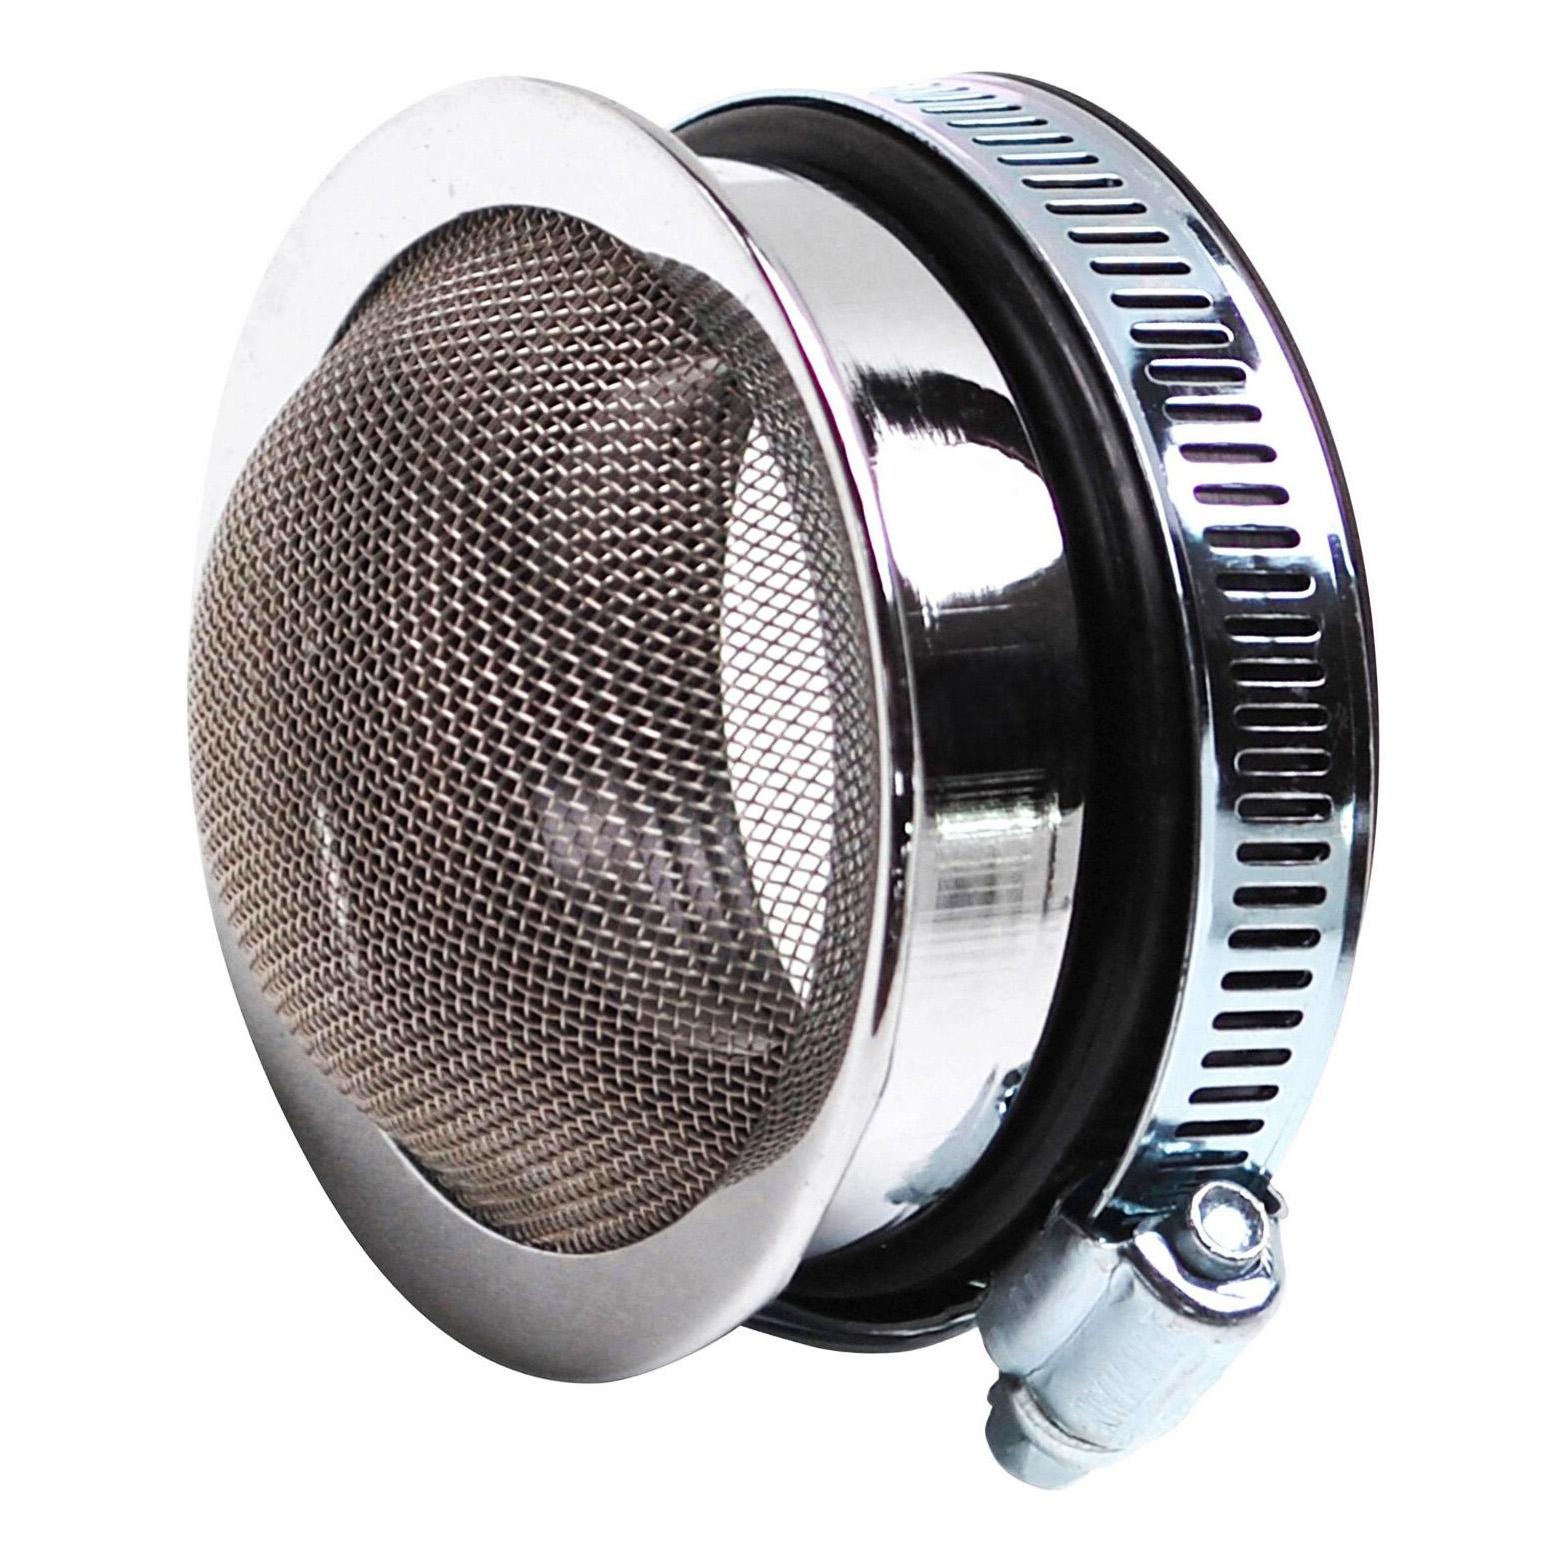 Filtre à air SHA TUN'R - cornet chromé